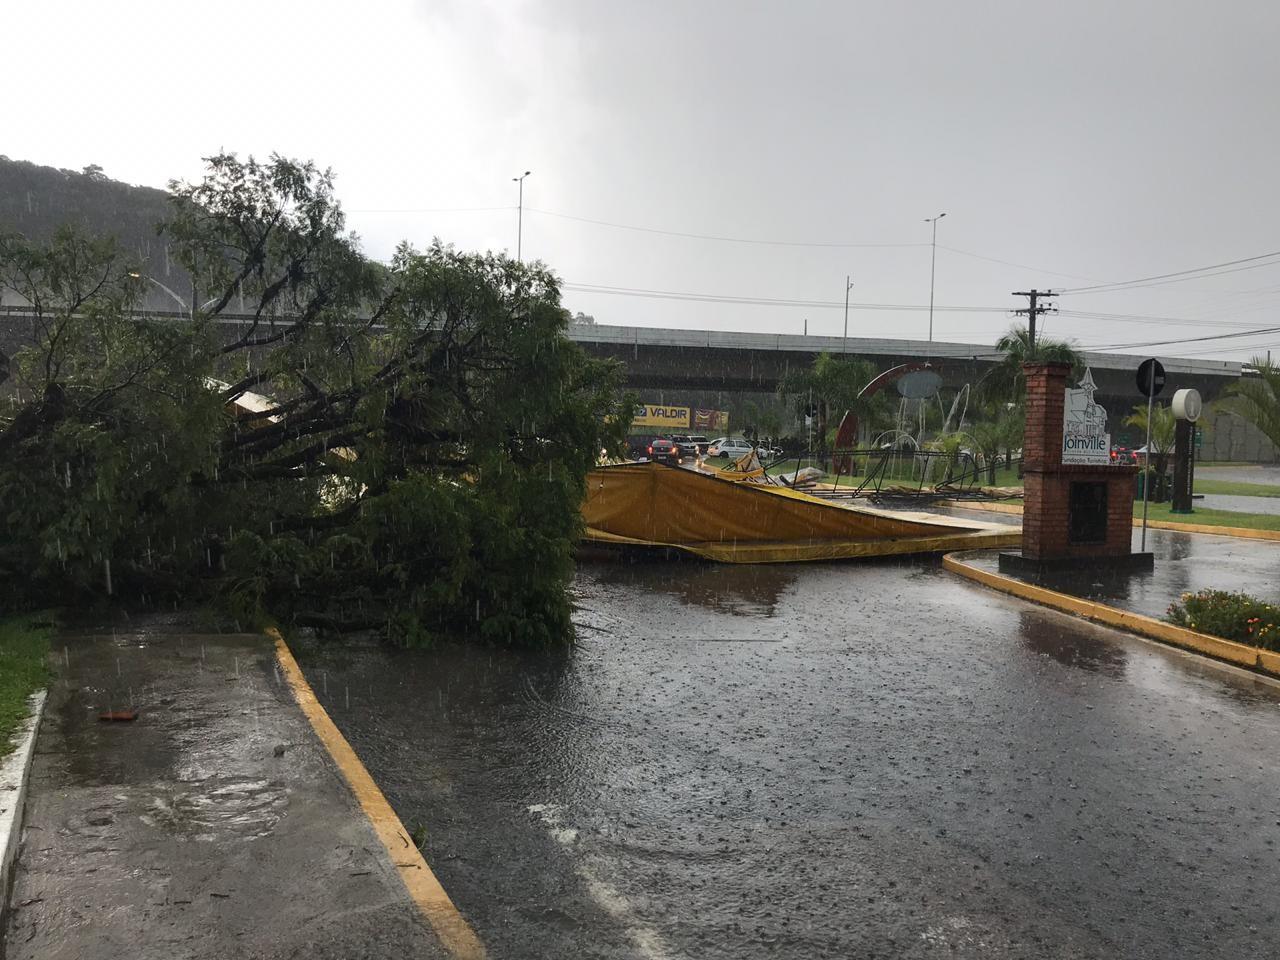 Temporal causa alagamentos na tarde deste sábado em Joinville; FOTOS - Noticias